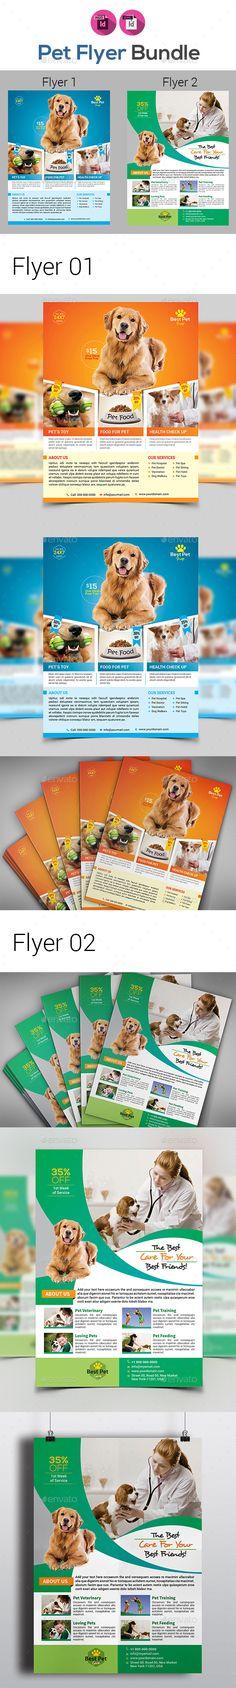 Pet Shop #Flyers Bundle - #Corporate Flyers Download here: https://graphicriver.net/item/pet-shop-flyers-bundle/19517575?ref=alena994